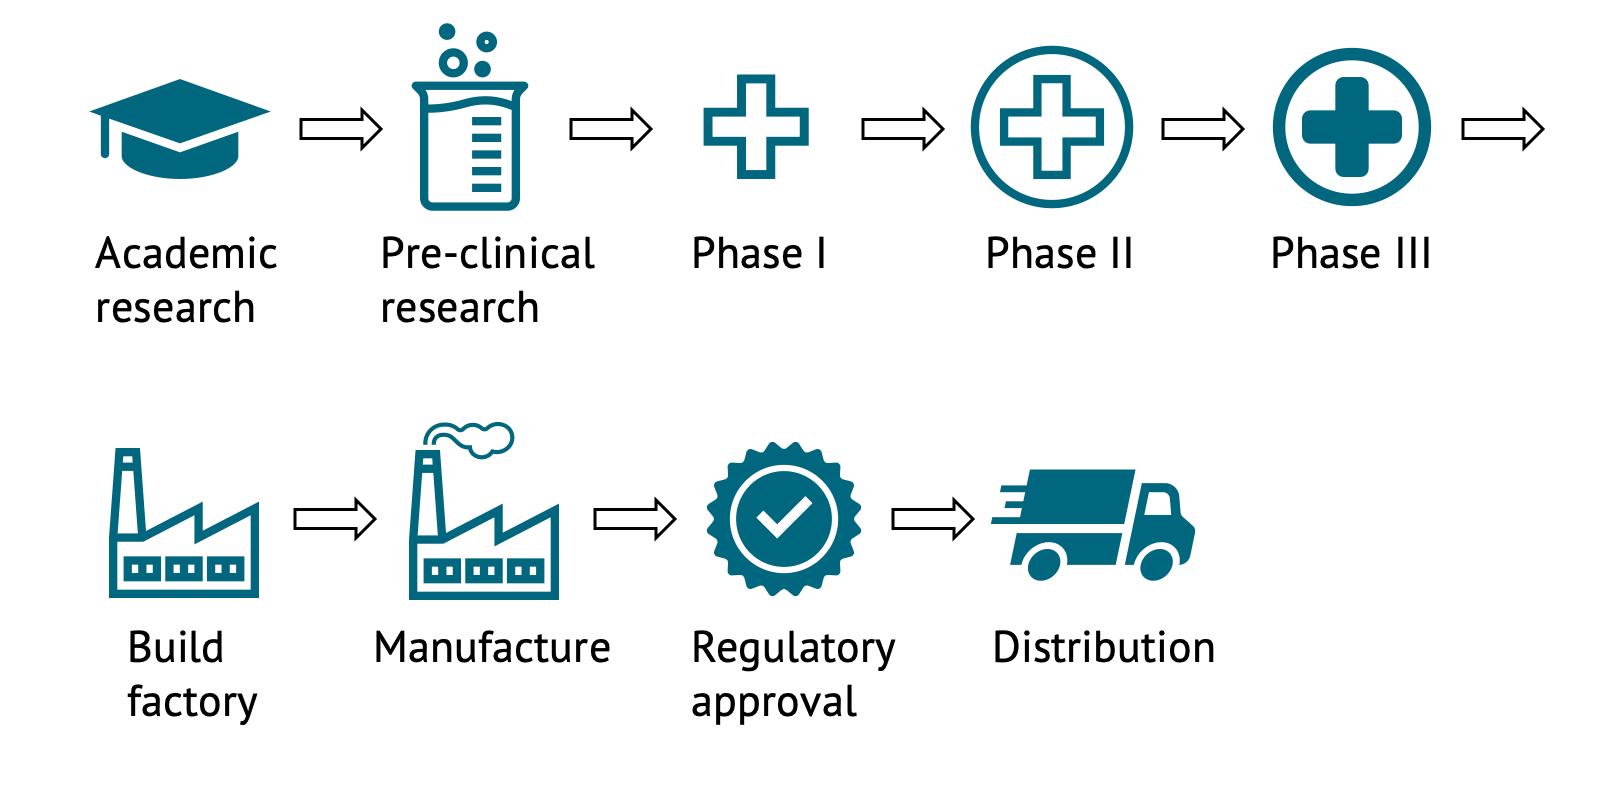 Gráfico que muestra los pasos desde los primeros ensayos hasta la distribución final de una vacuna